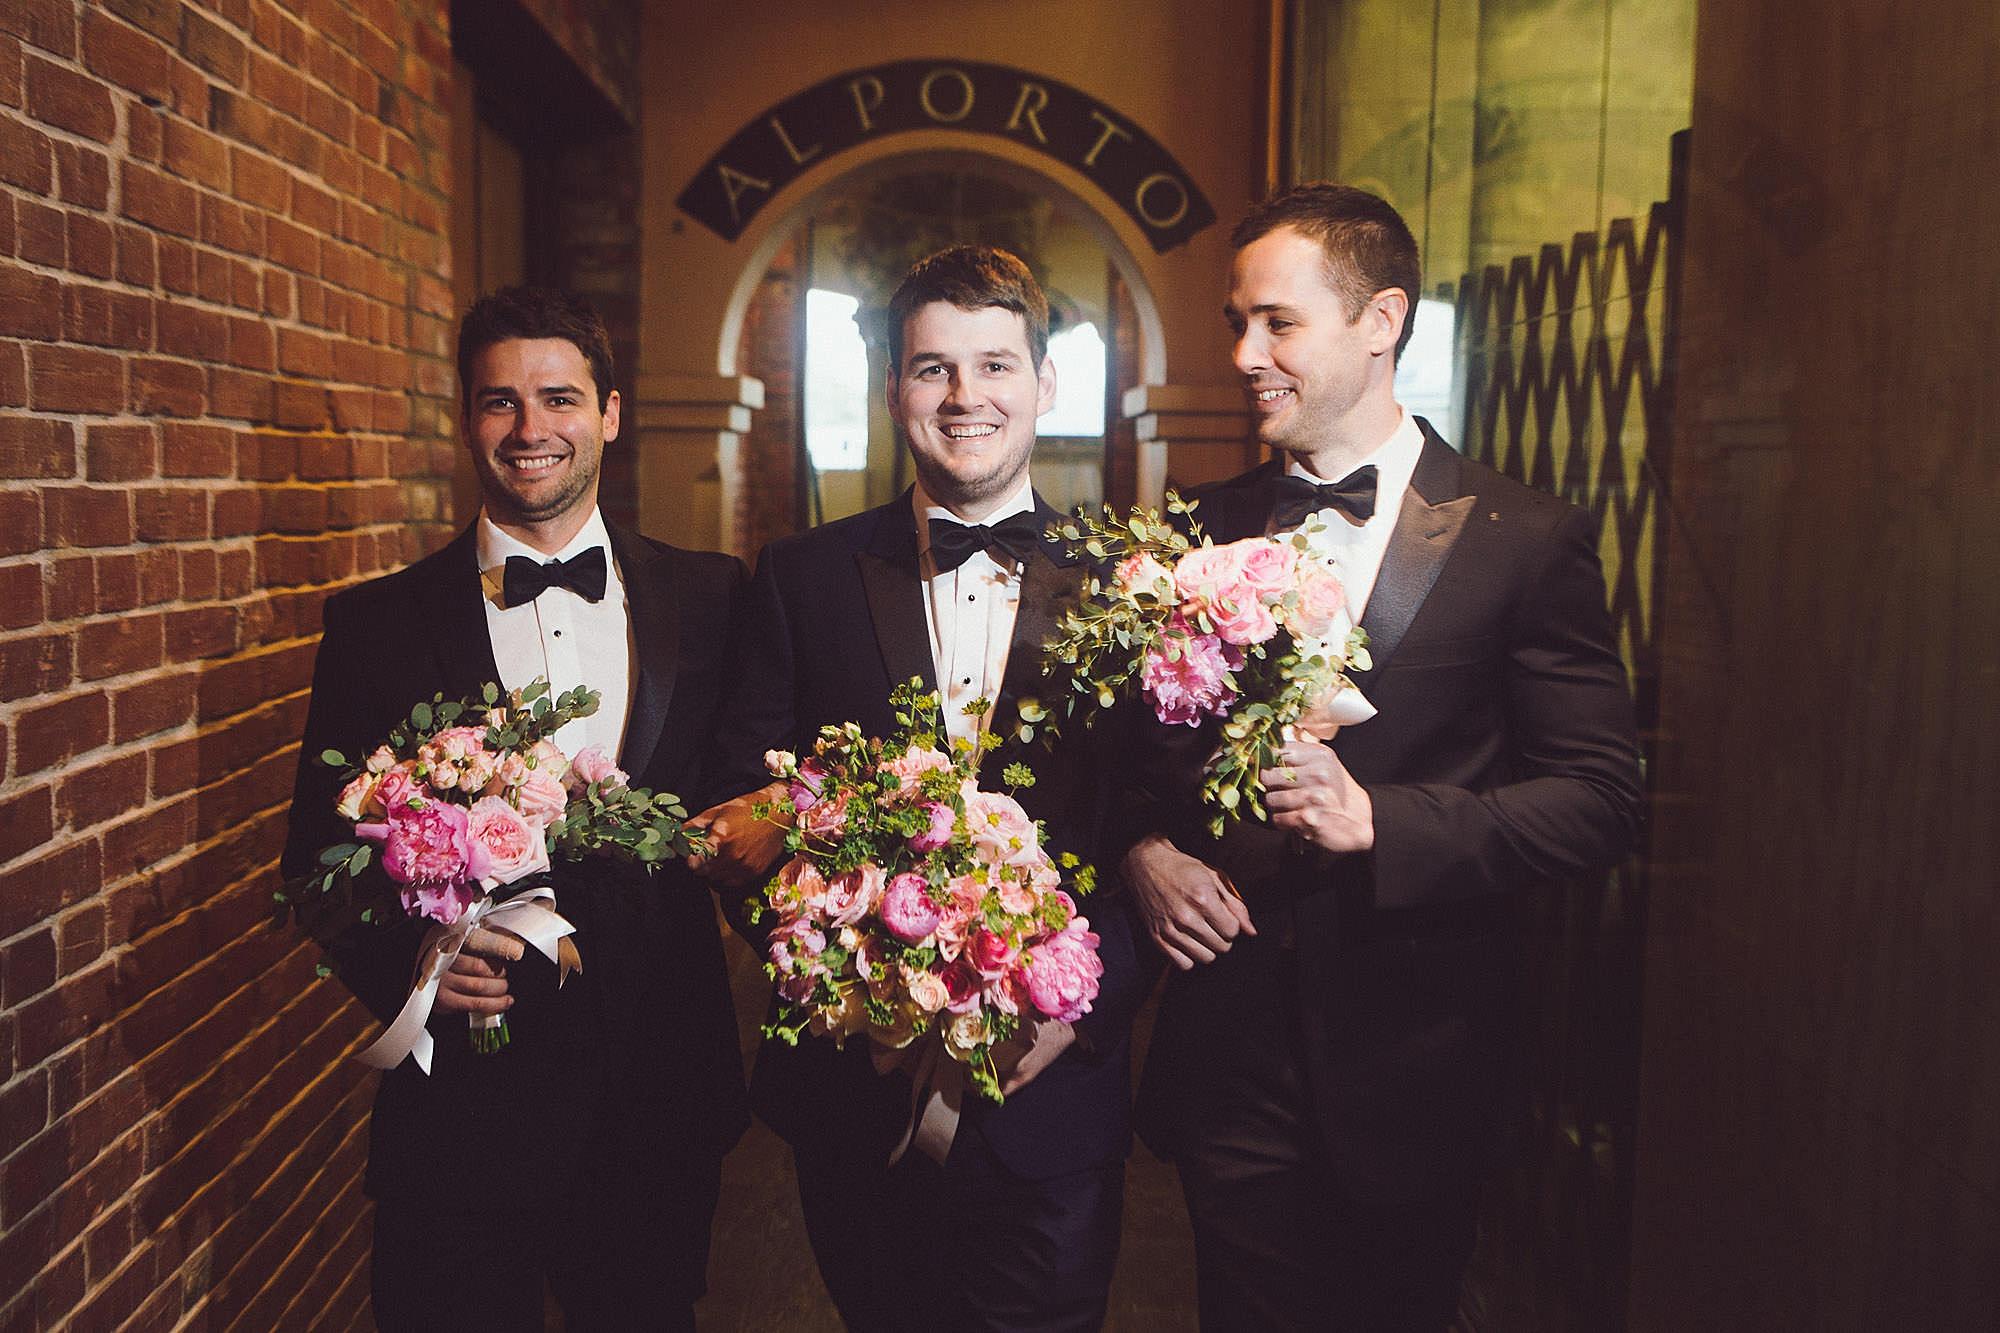 Groom and groomsmen holding flowers